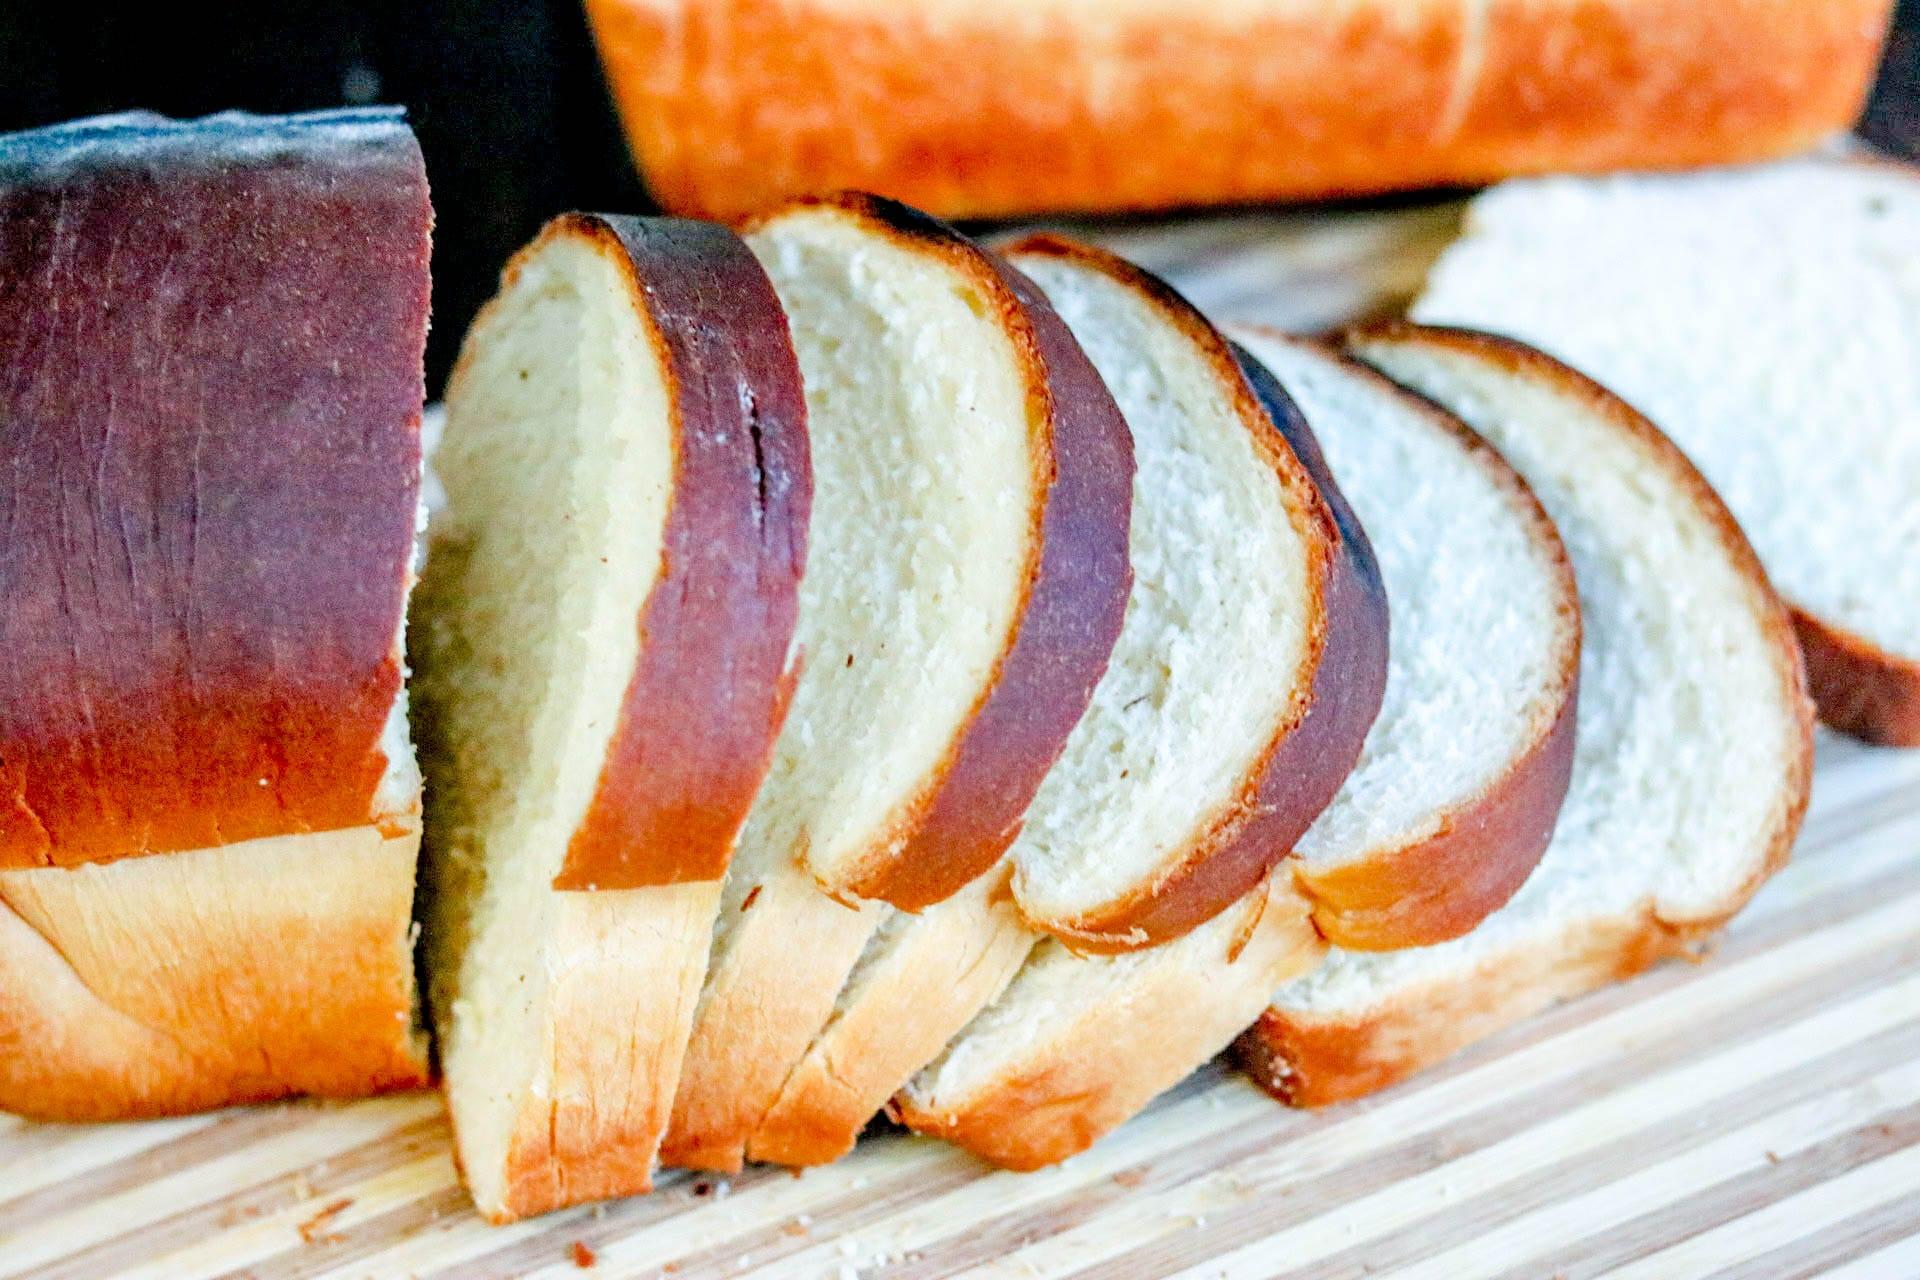 buttermilk sandwich bread cut into slices